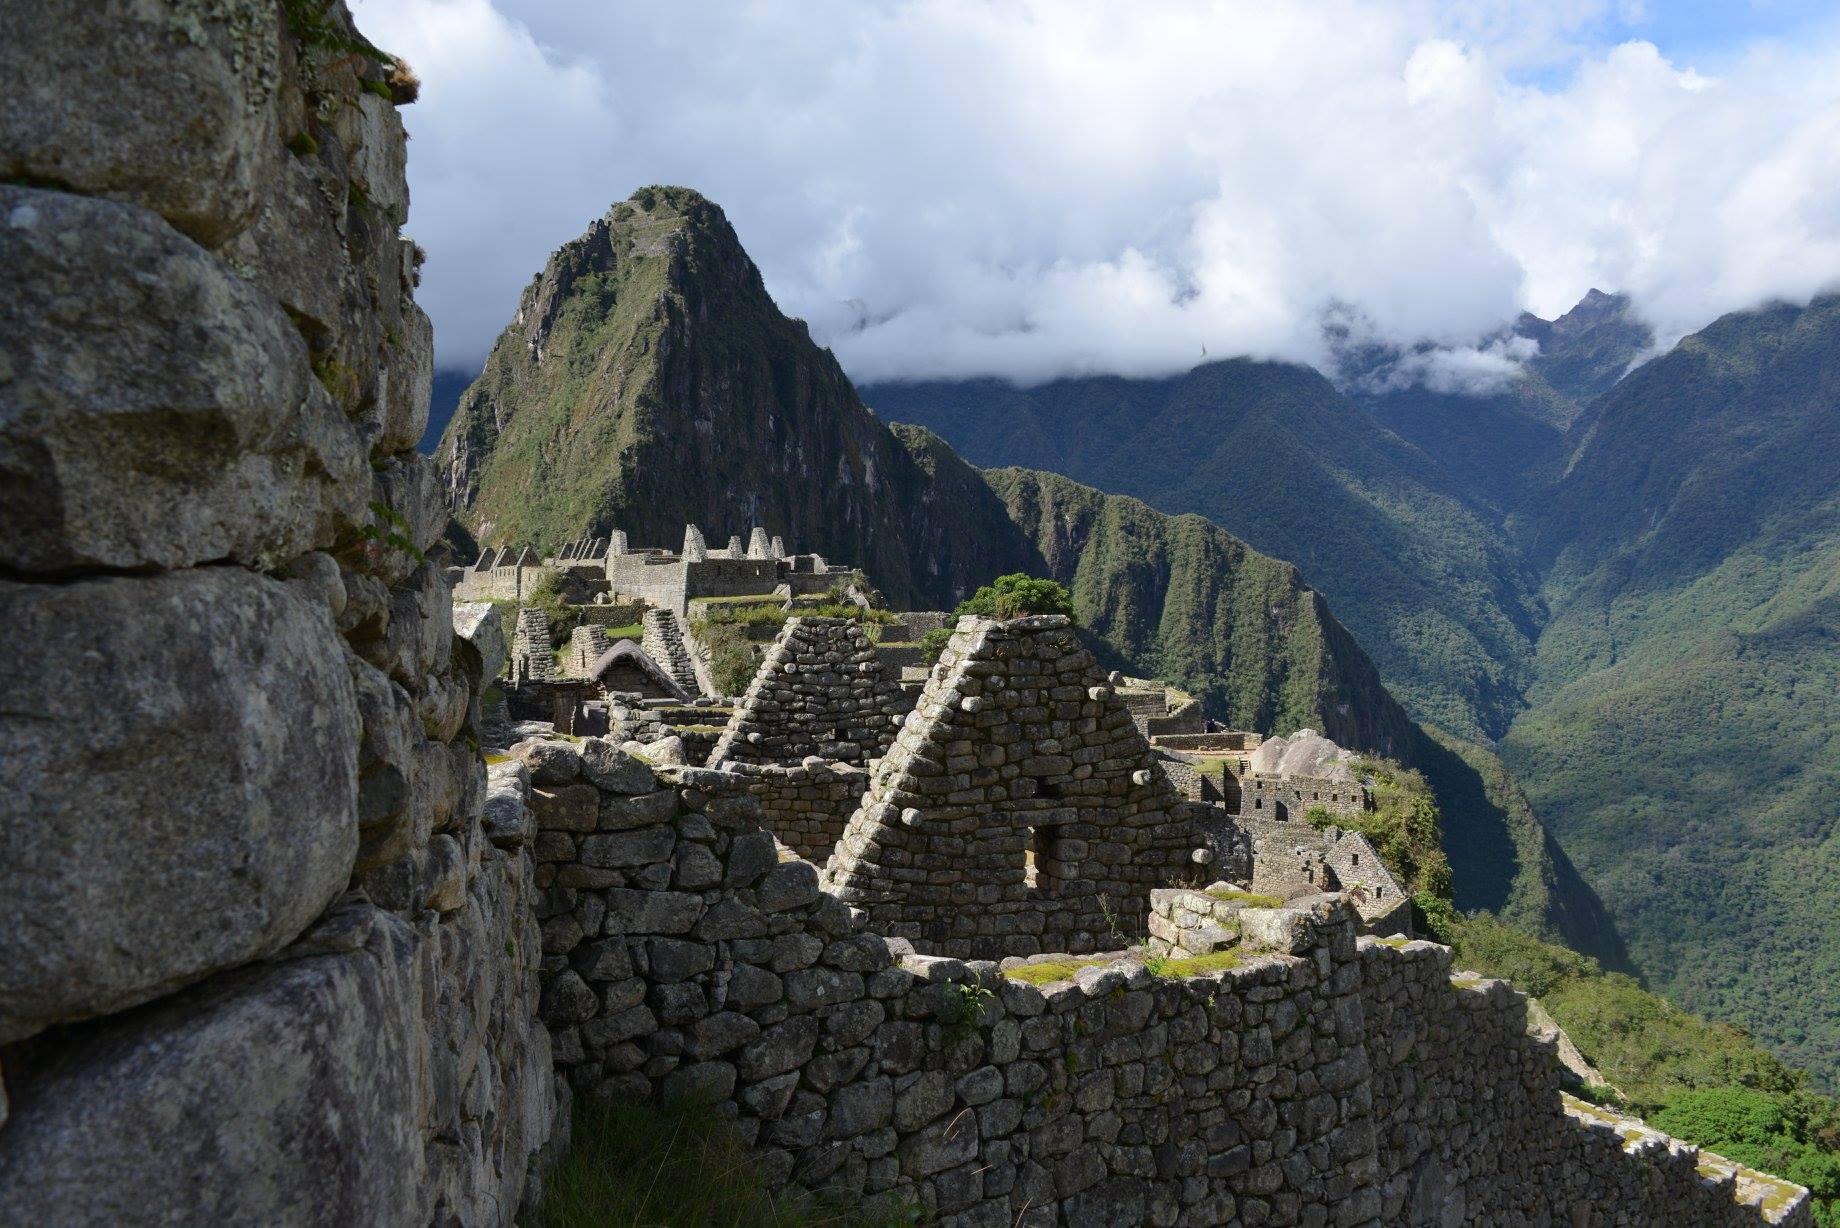 Peru January 6-14, 2018